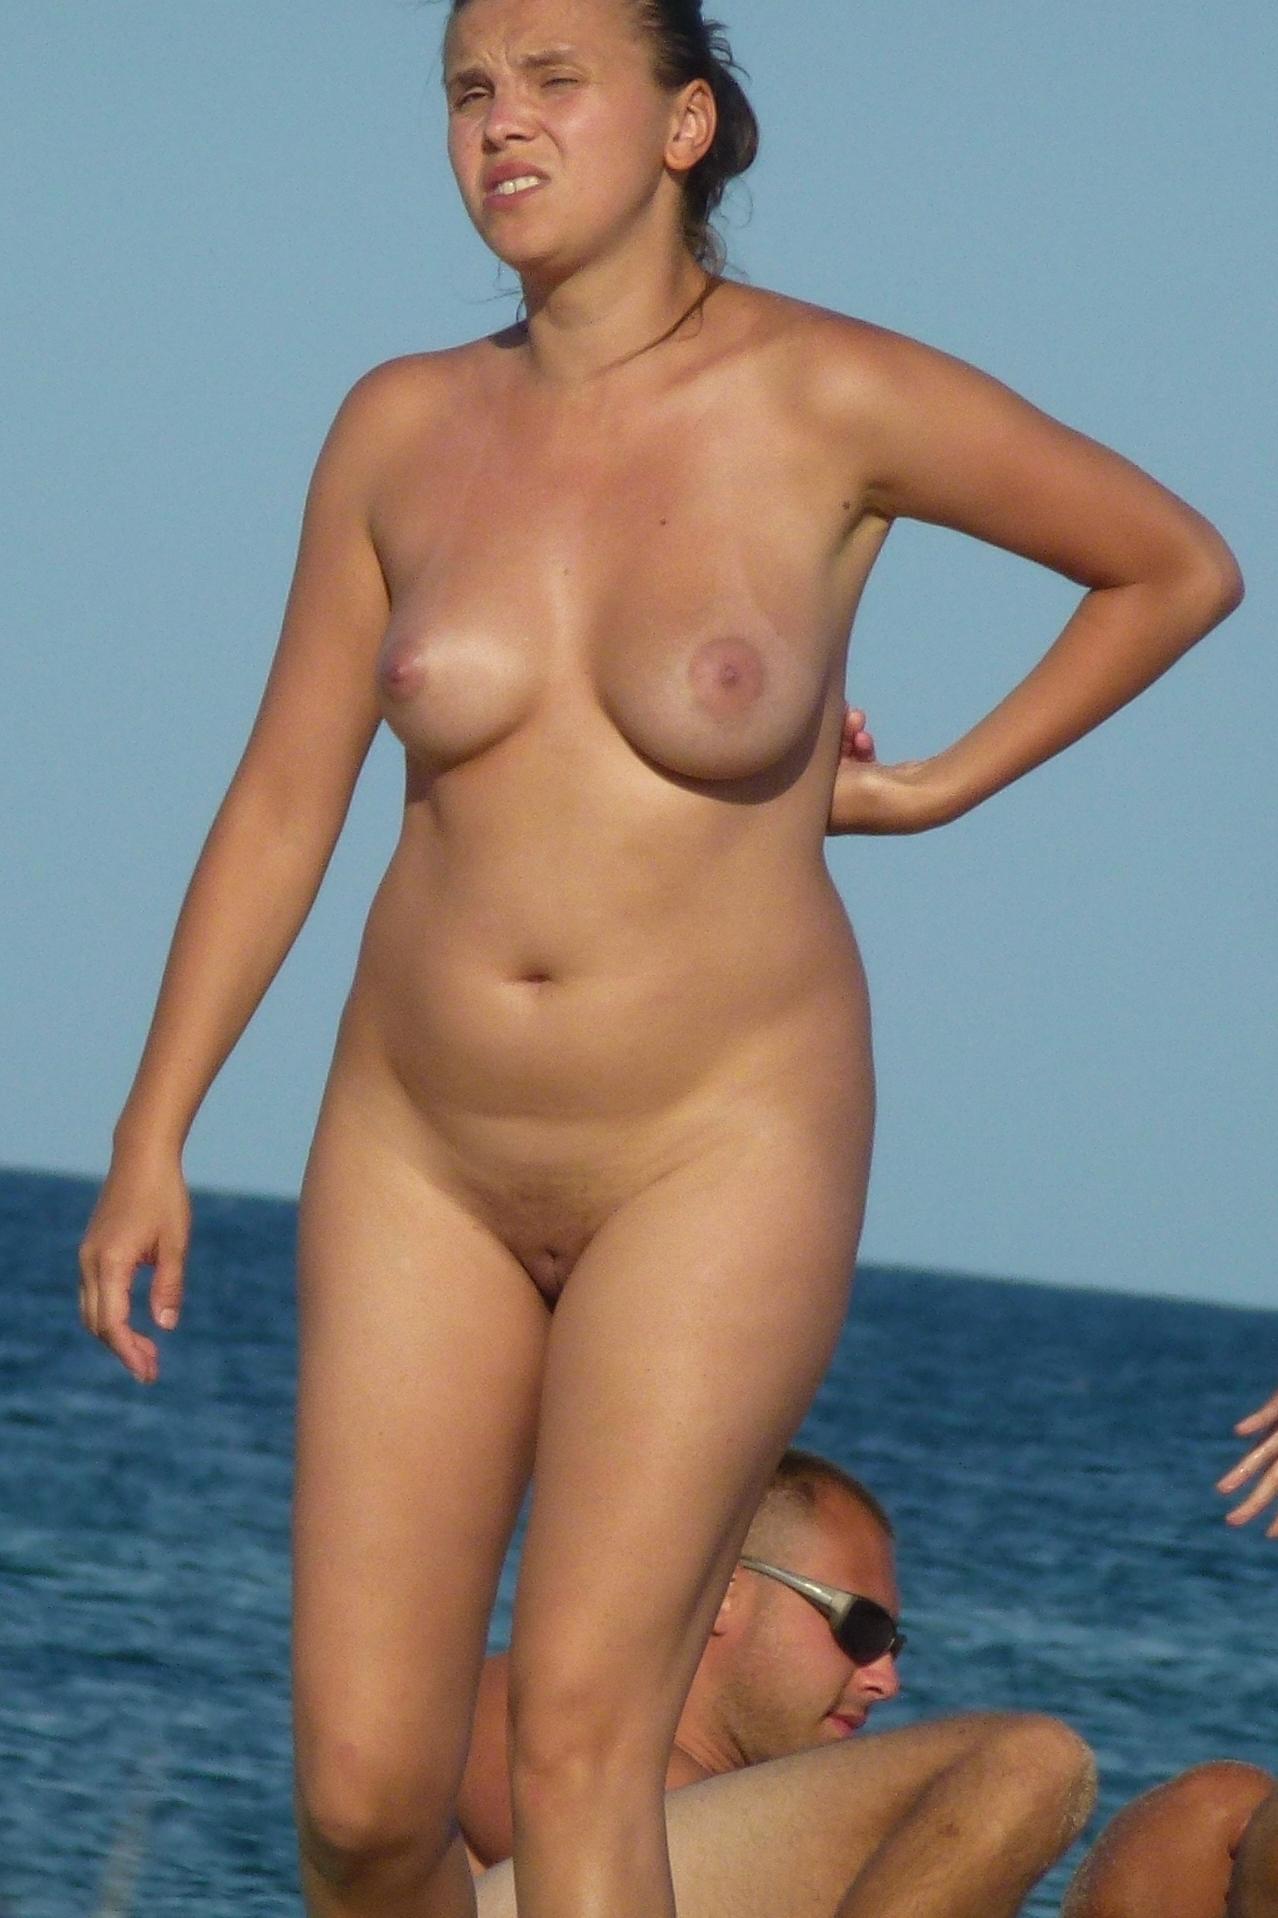 romanian women nude